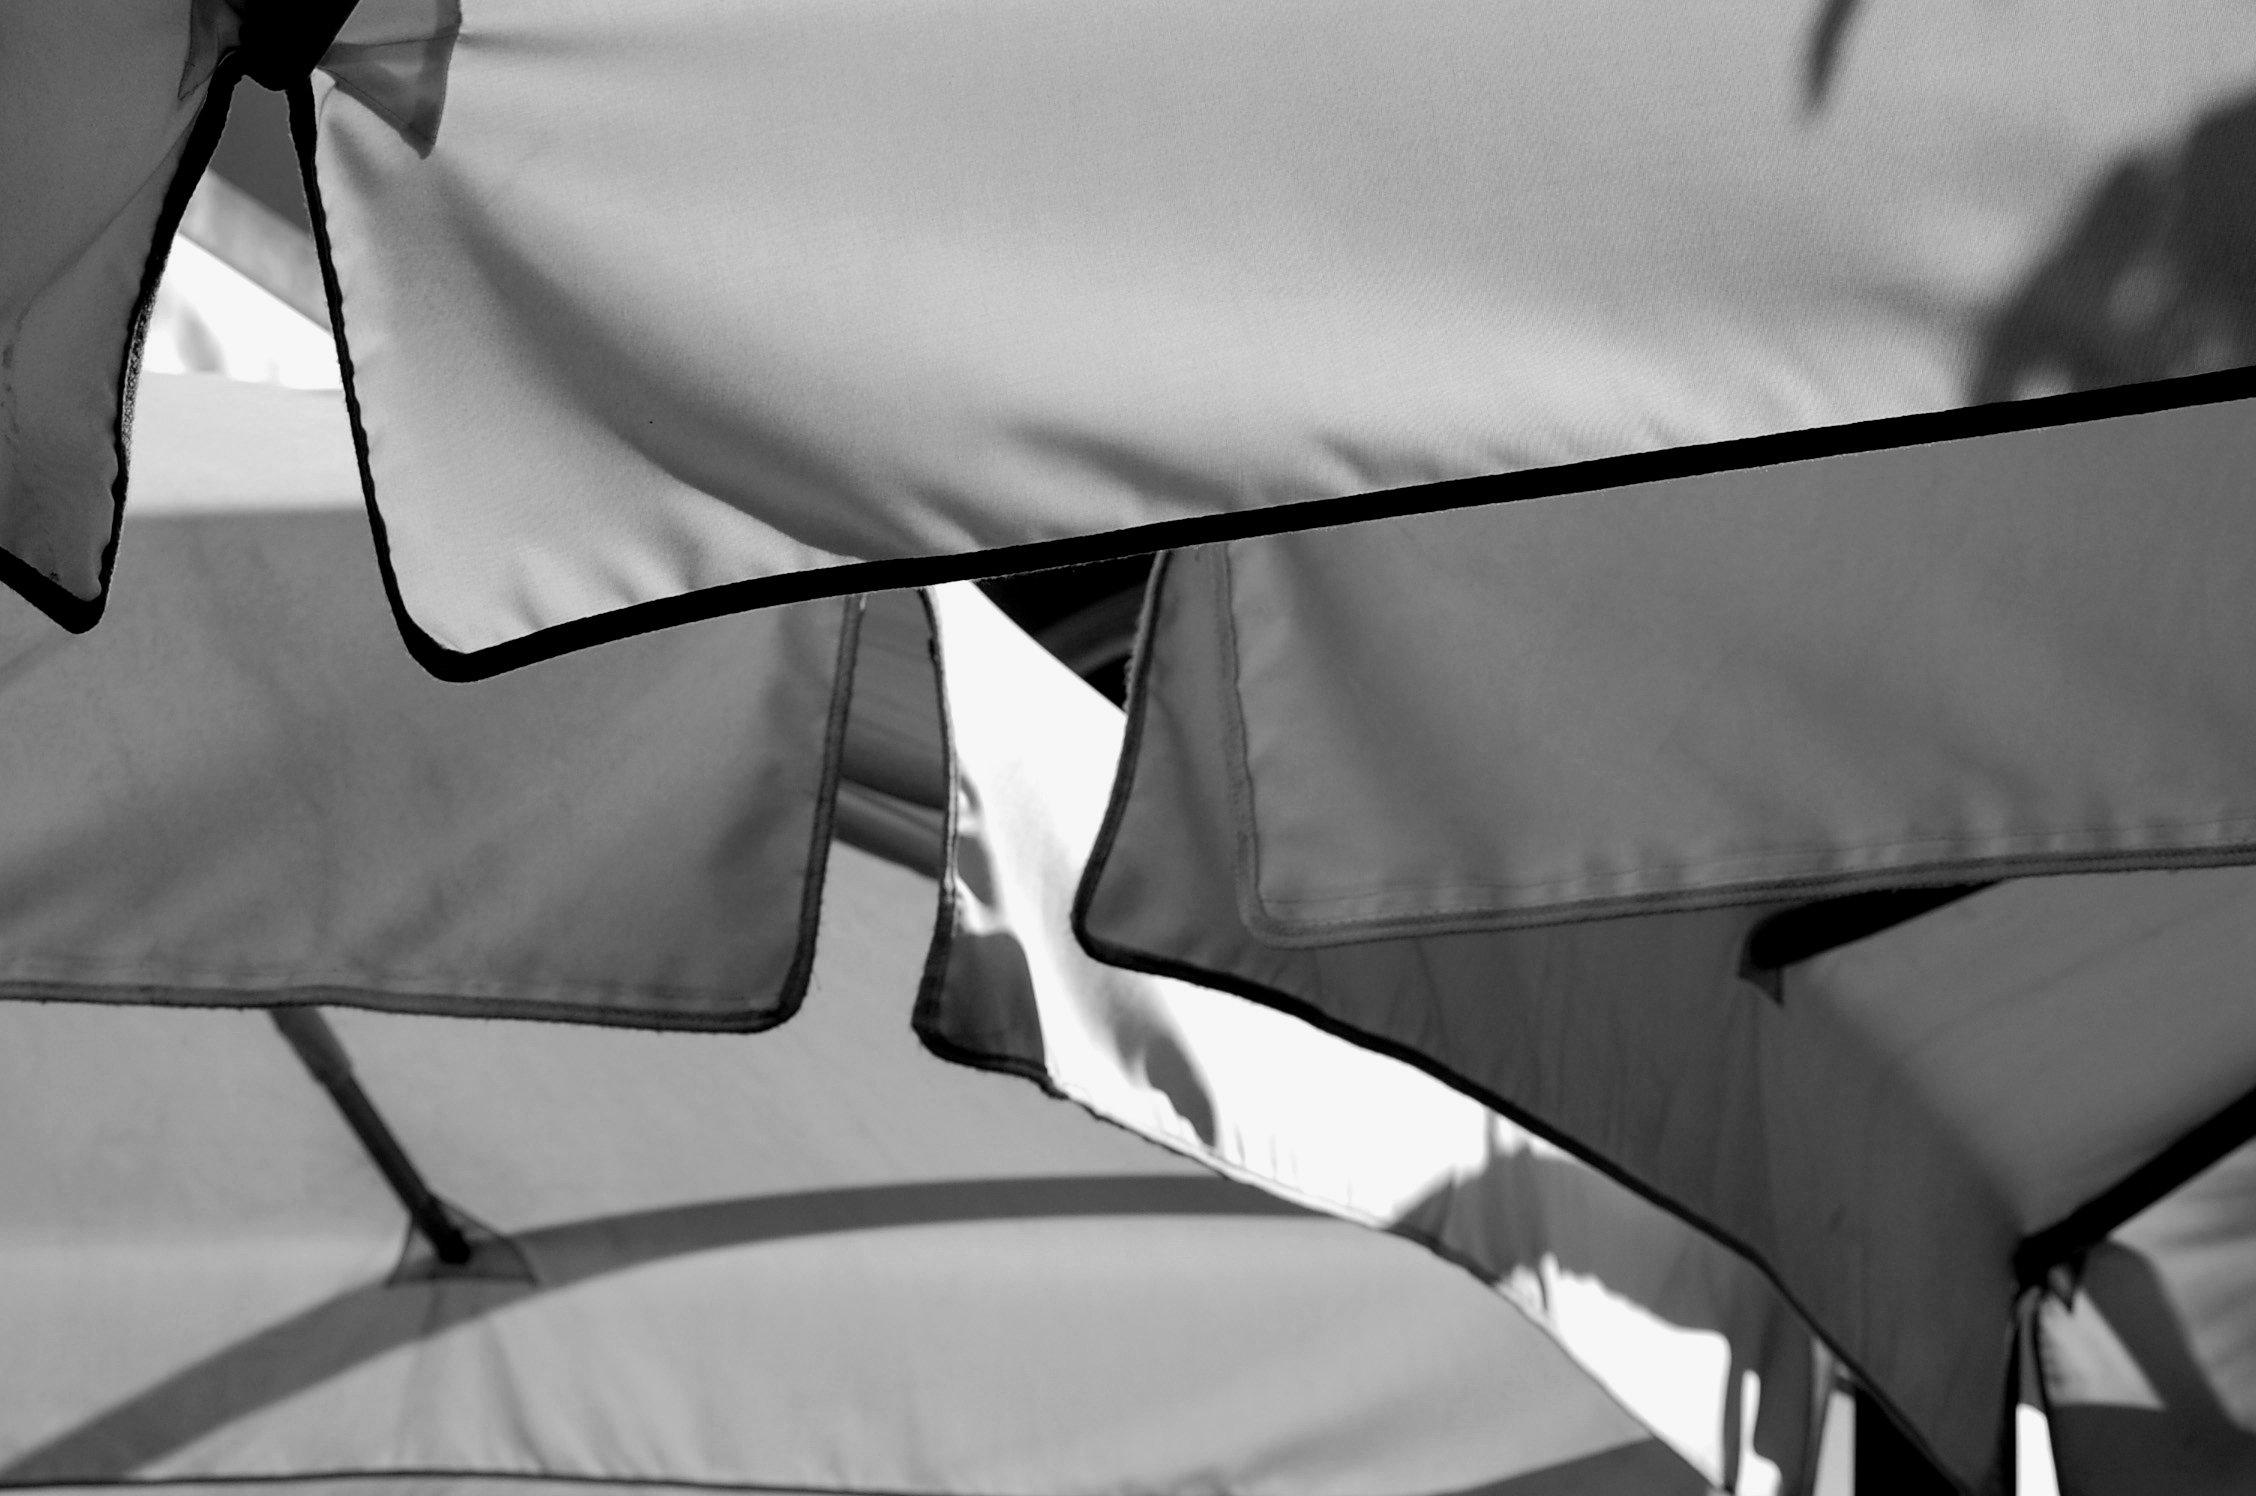 parasolnb1.jpg